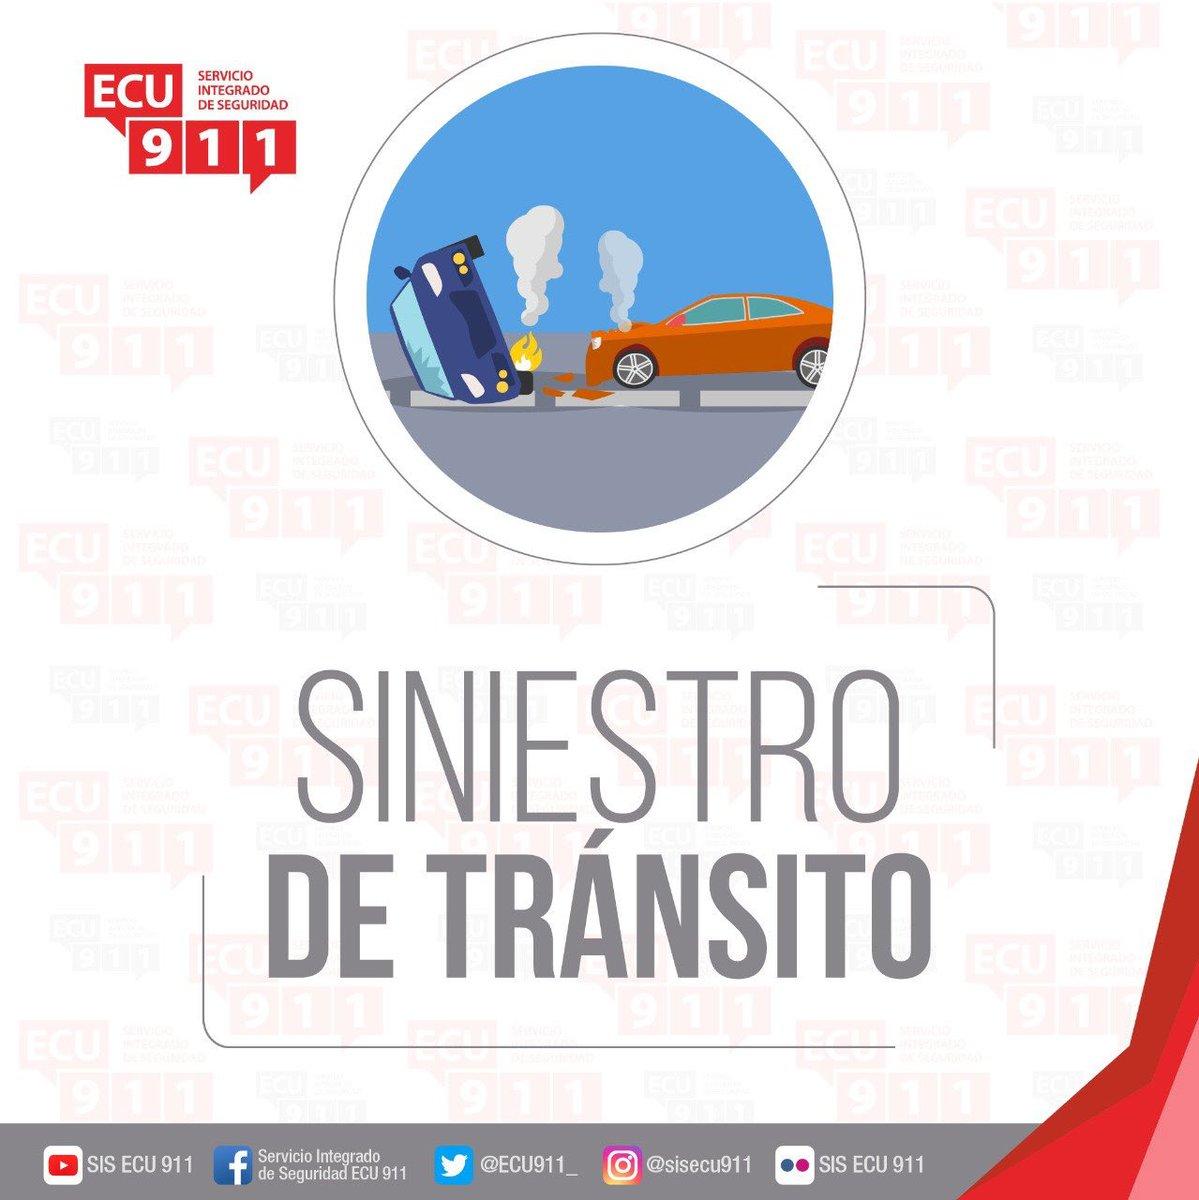 #ECU911Reporta | Llamada al 9-1-1 alerta de un siniestro de tránsito en el Km 24 de la vía a Daule. Coordinamos atención con @CTEcuador @BomberosGYEpic.twitter.com/3C3eMHCYd1